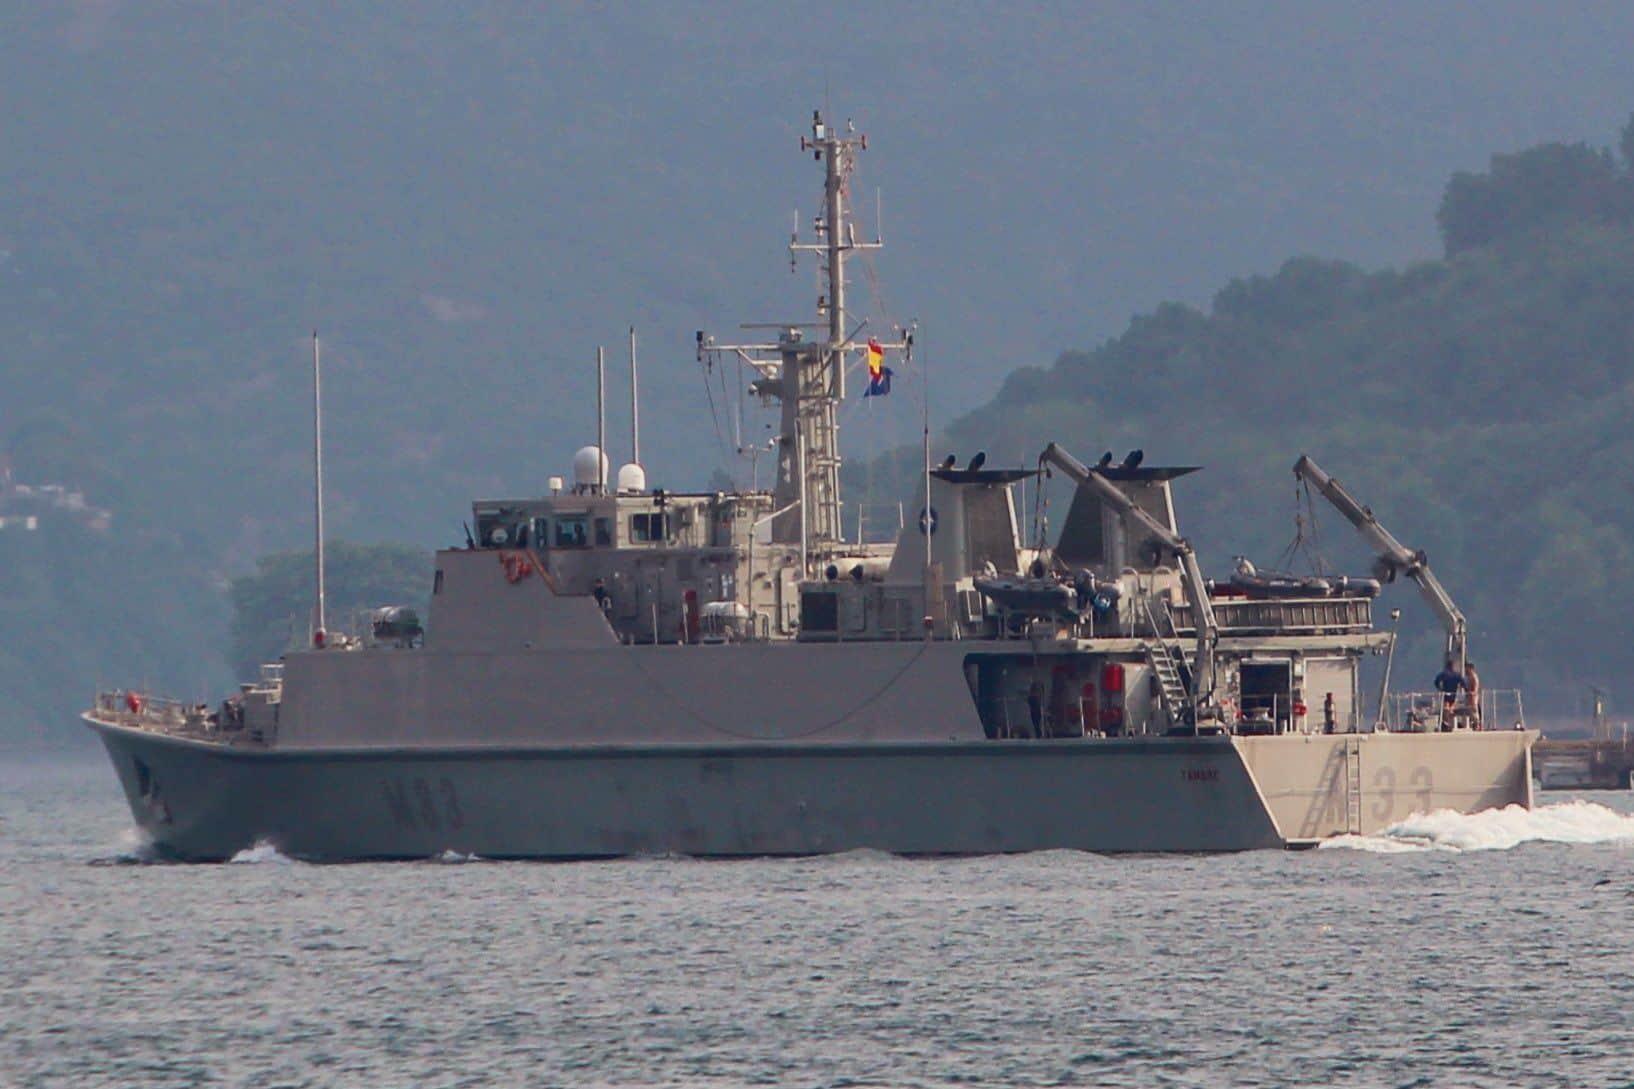 Мінний тральщик ESPS Tambre (М 33) ВМС Іспанії